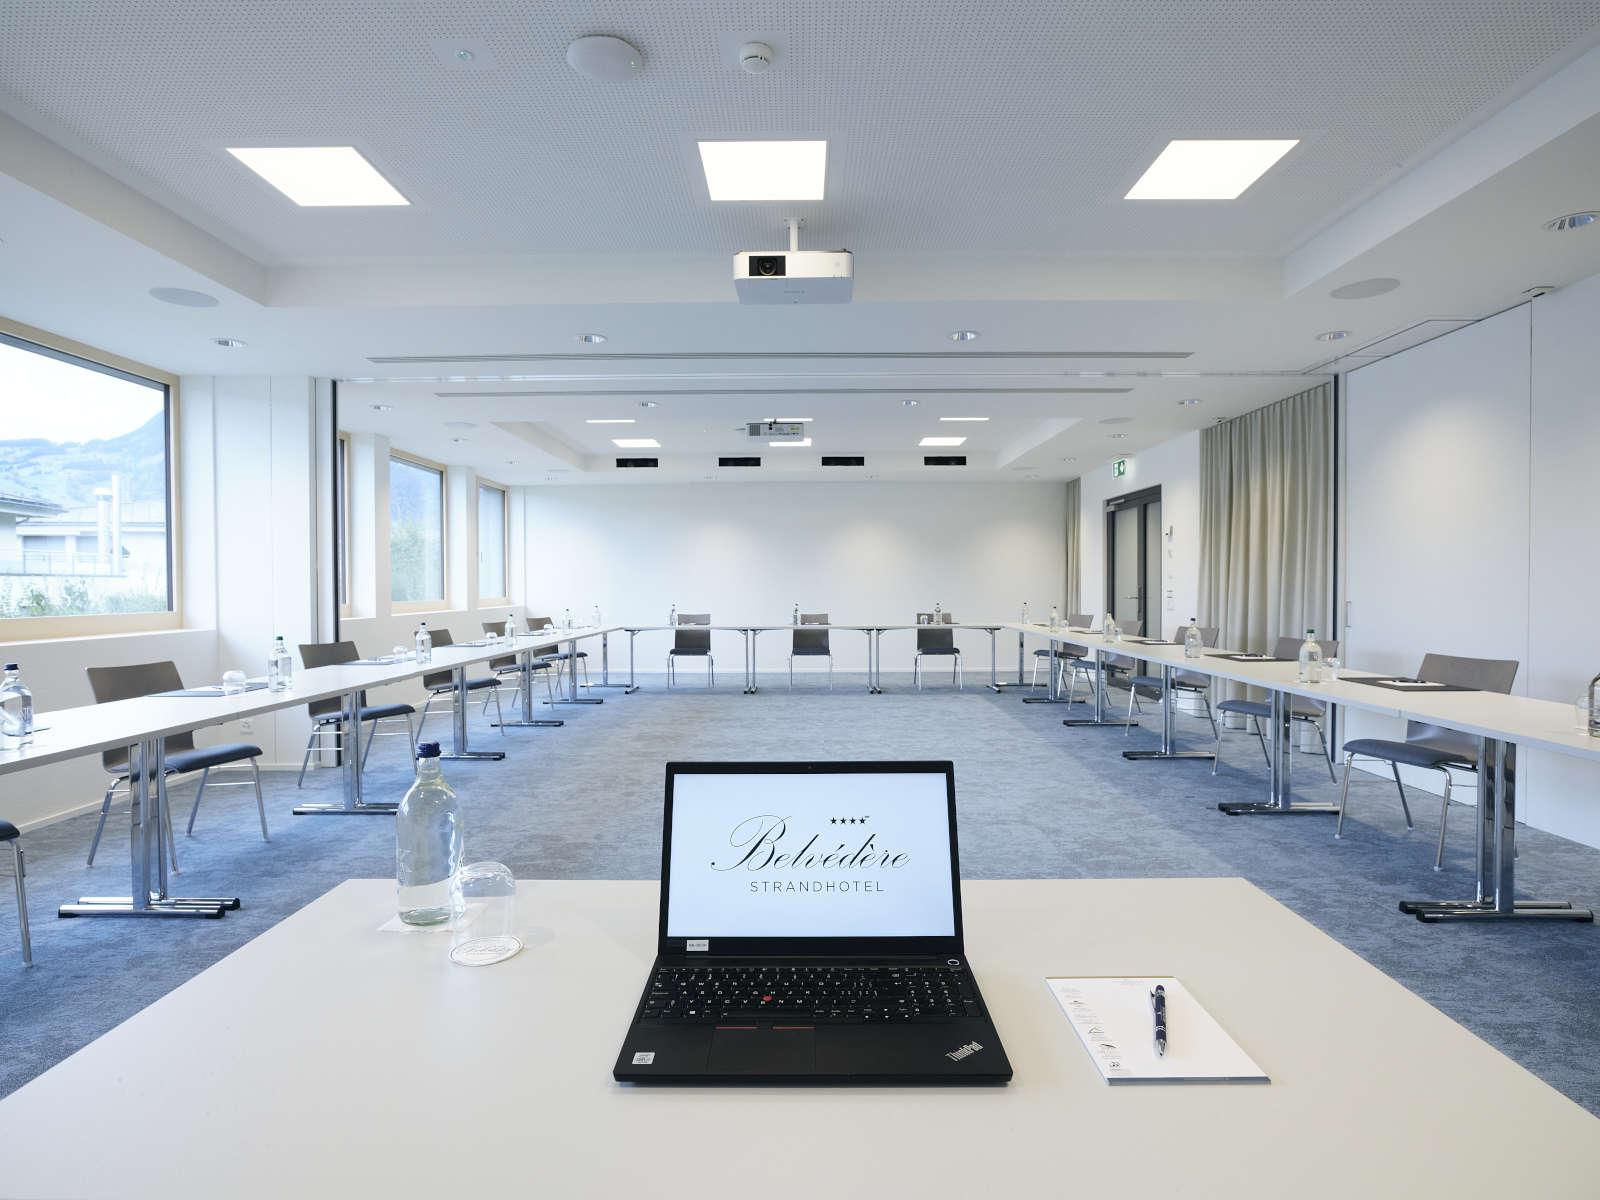 Tisch mit Laptop im Seminarraum